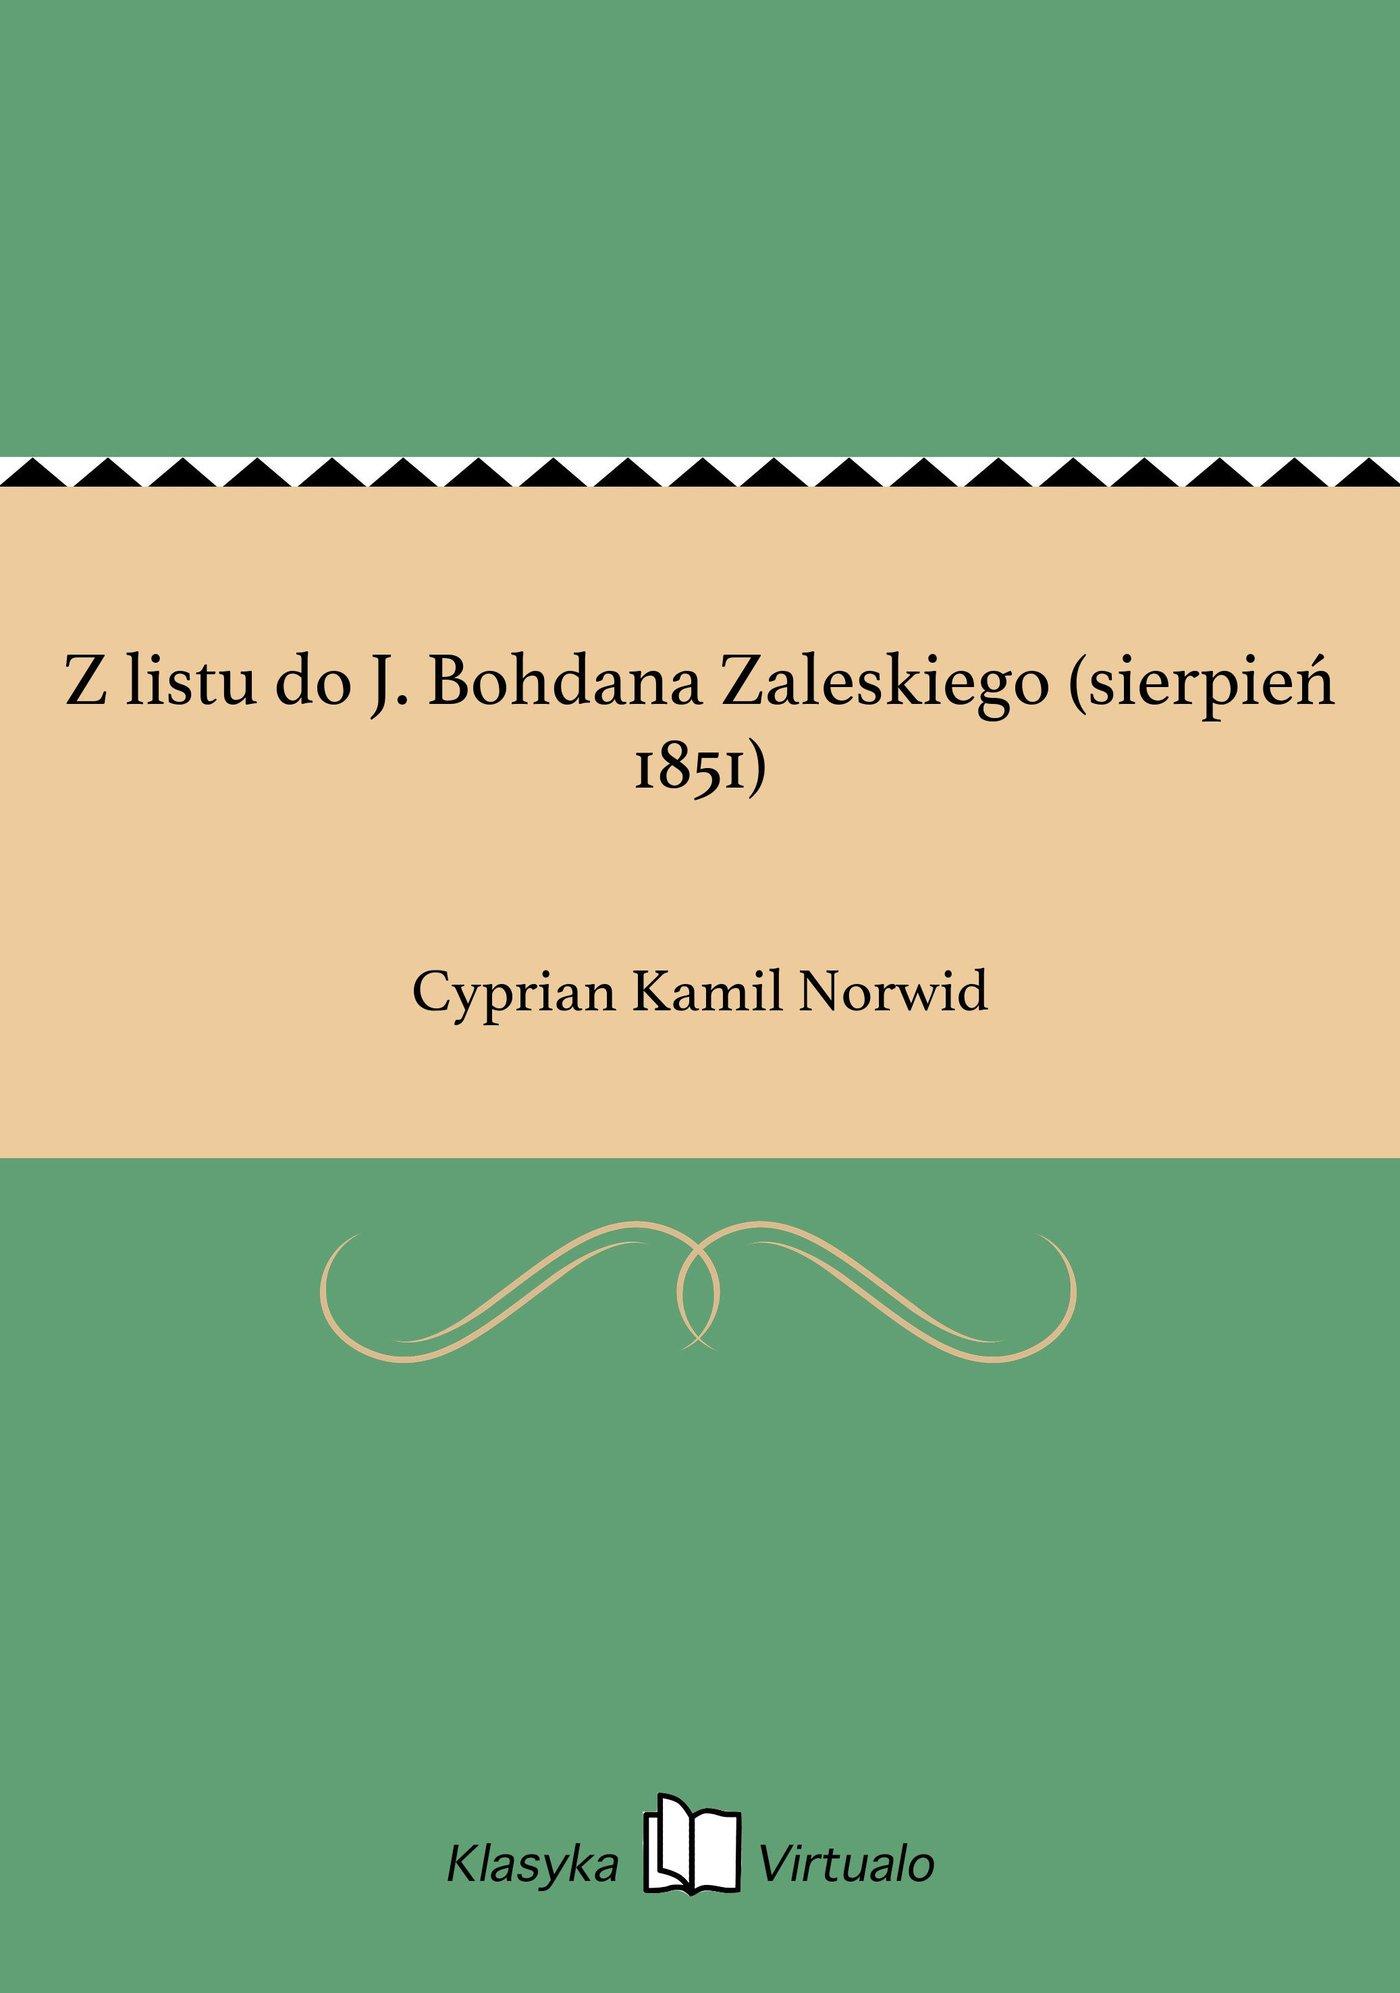 Z listu do J. Bohdana Zaleskiego (sierpień 1851) - Ebook (Książka na Kindle) do pobrania w formacie MOBI